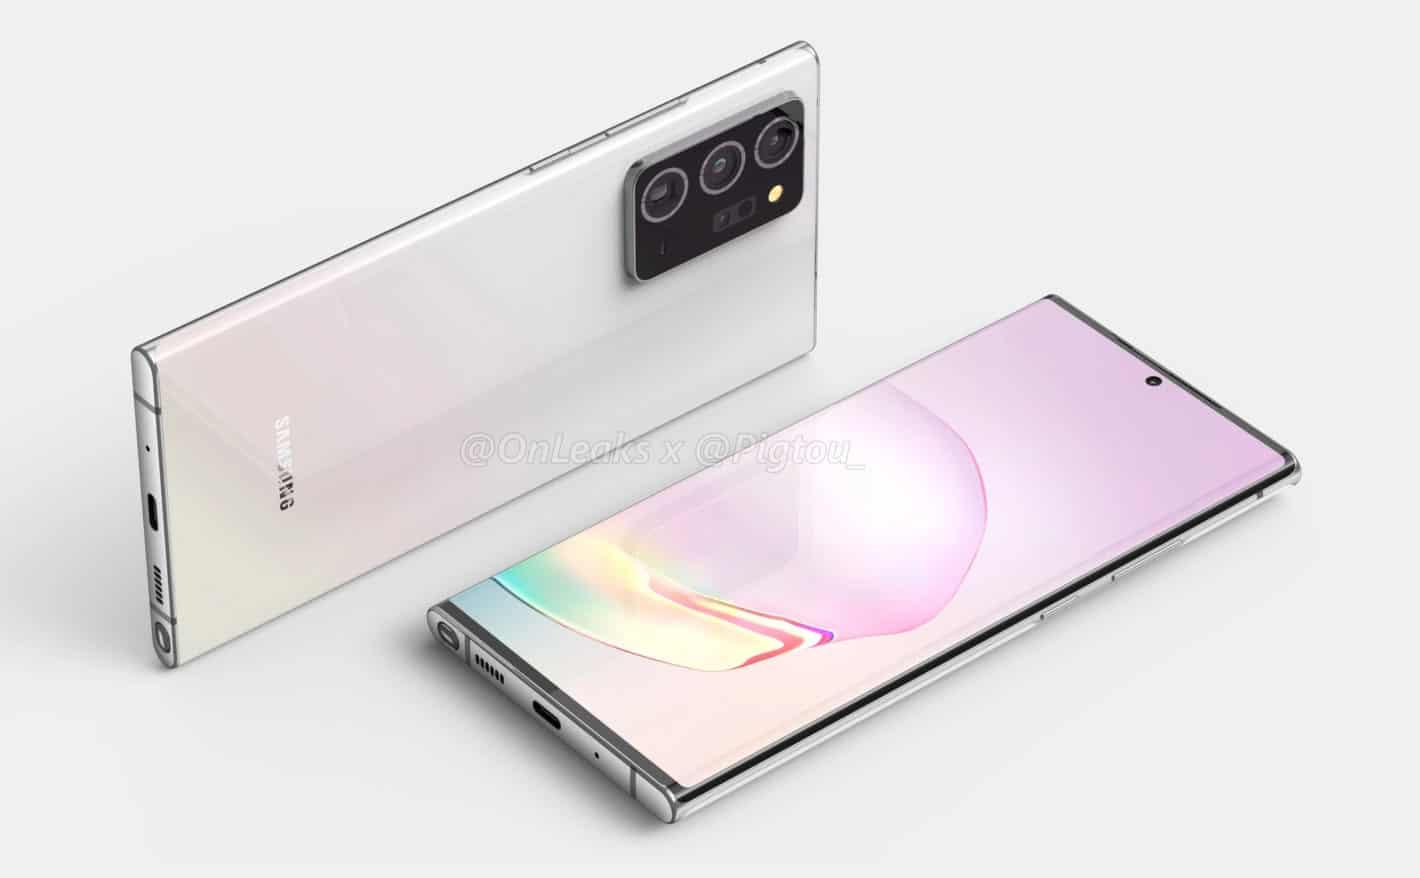 Samsung Galaxy Note 20 renders leaked online